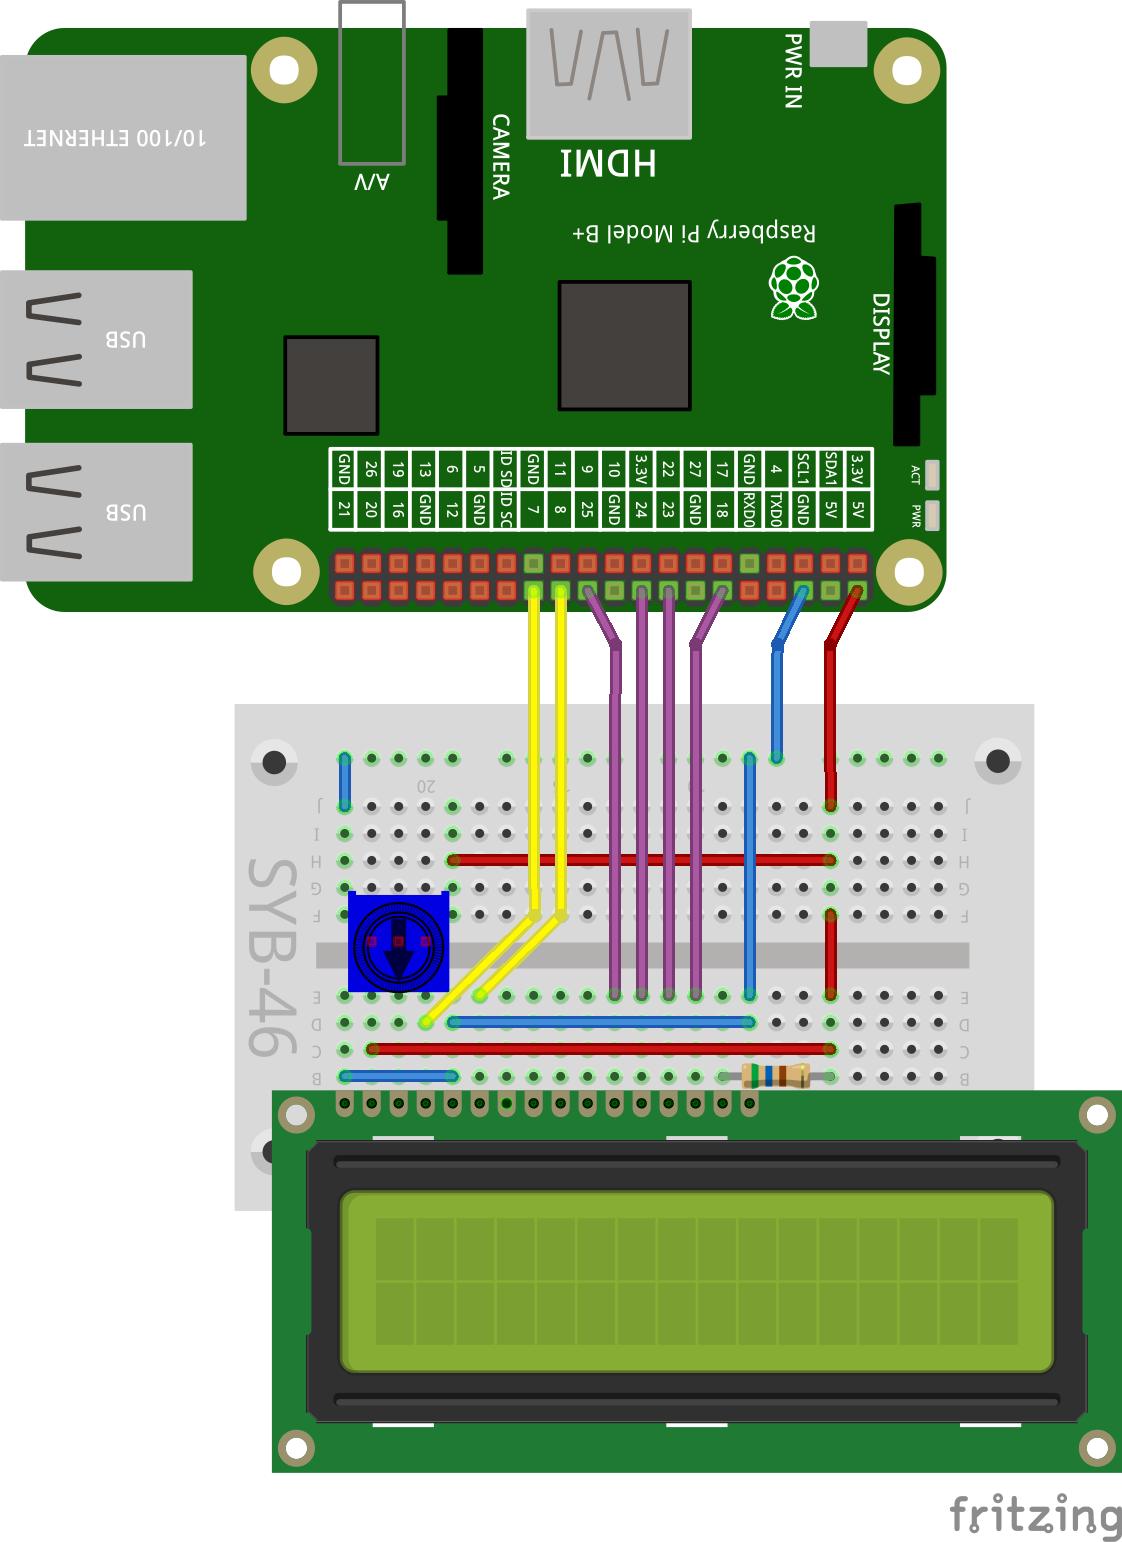 linux fur maker raspbian das betriebssystem des raspberry pi richtig verstehen und effektiv nutzen